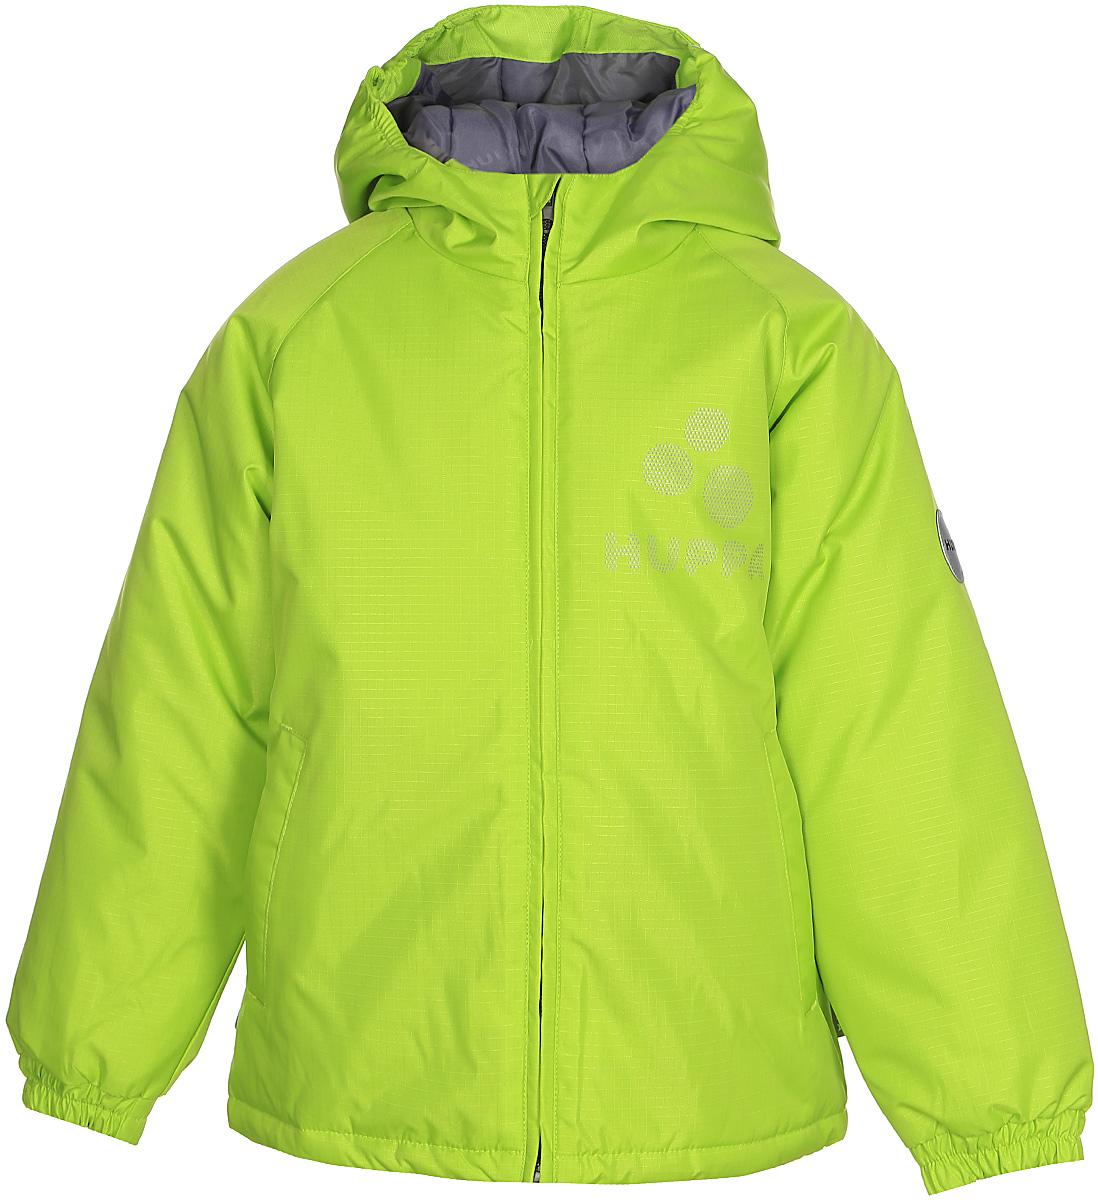 Куртка детская Huppa Classy, цвет: лайм. 17710030-047. Размер 15217710030-047Детская куртка Huppa изготовлена из водонепроницаемого полиэстера. Куртка с капюшоном застегивается на пластиковую застежку-молнию с защитой подбородка. Края капюшона и рукавов собраны на внутренние резинки. У модели имеются два врезных кармана. Изделие дополнено светоотражающими элементами.